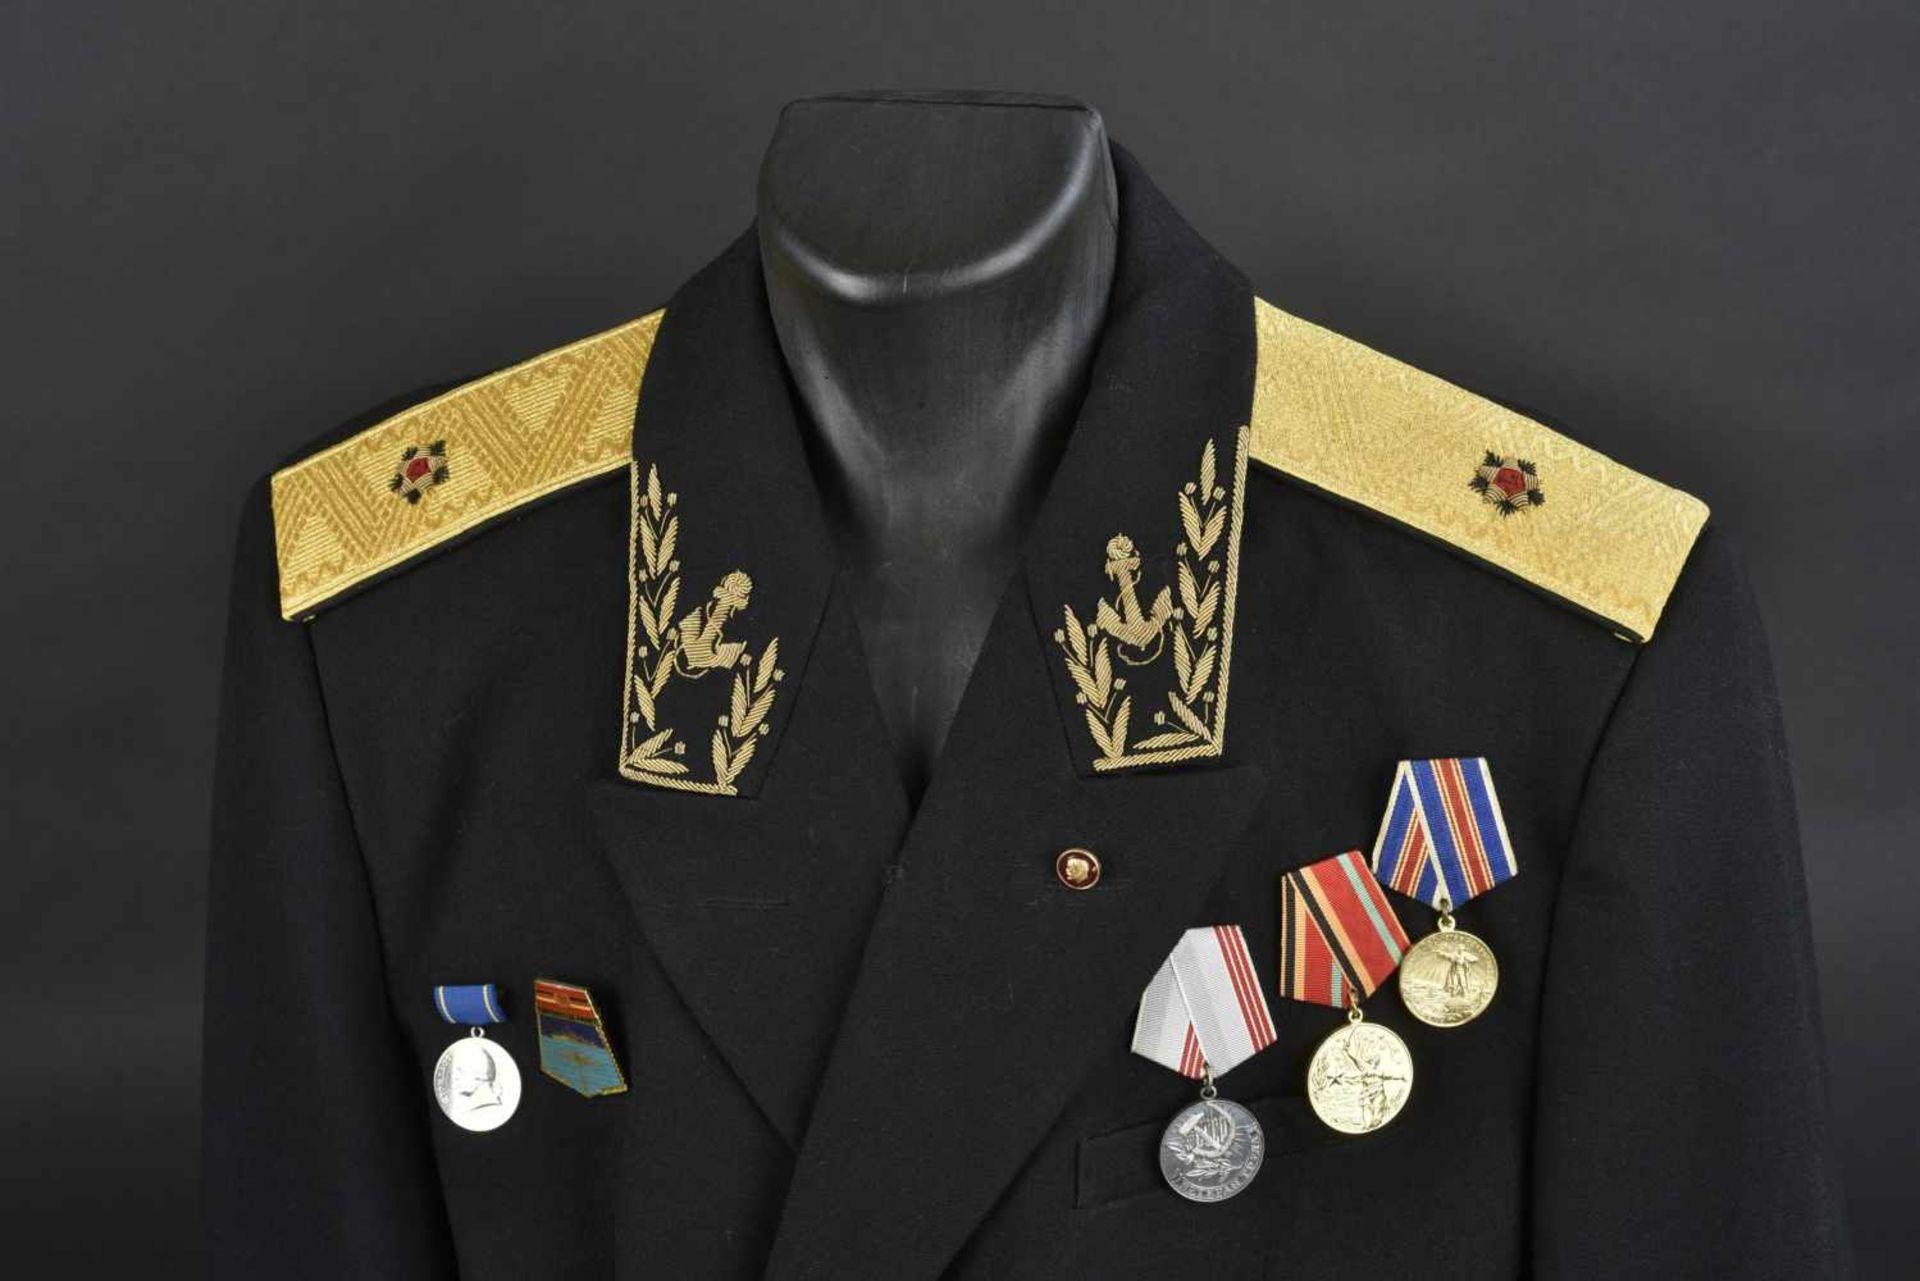 Uniforme de Contre amirale soviétique, année 1975 Vareuse en tissu noir, grades de col brodés en fil - Bild 2 aus 4